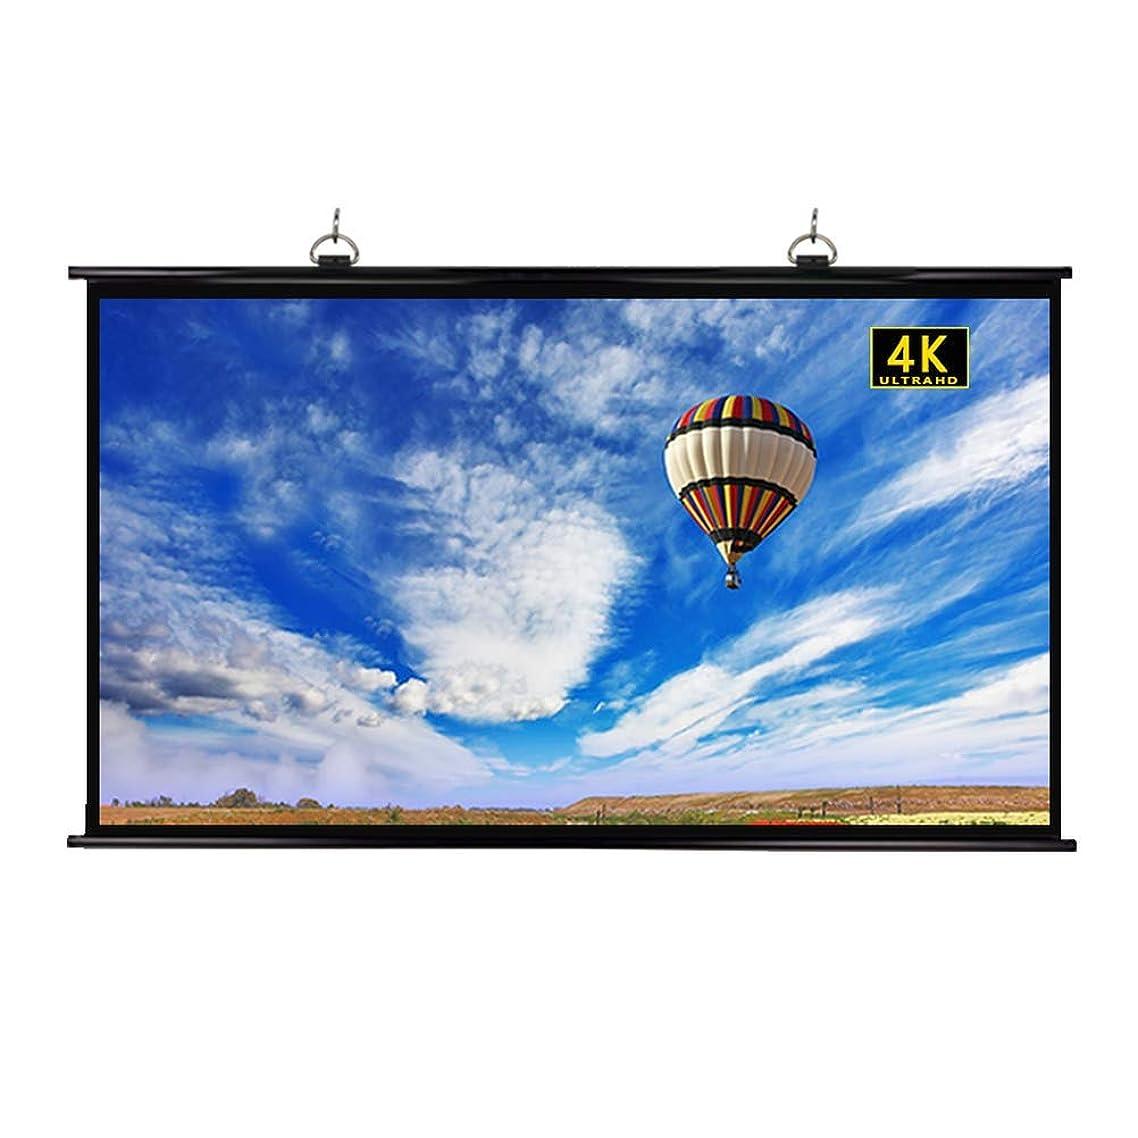 満たす悪因子添加プロジェクター スクリーン 掛け軸タイプ4:3/16:9 掛図スクリーンHD (72インチ)マスクなし3D壁掛けスクリーン 屋外屋内用 投影用 会議 教室 教具 ホームシアター (60インチ,16:9)